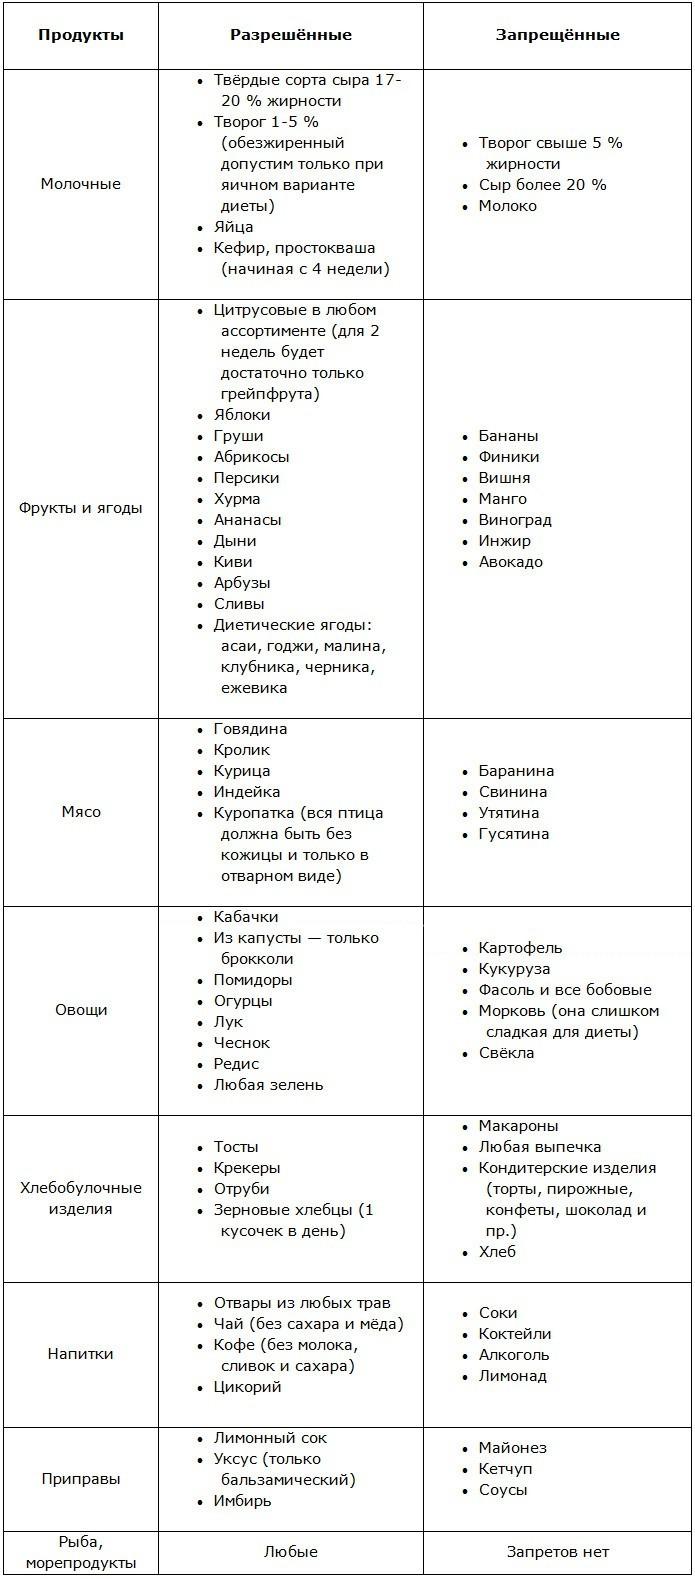 Диета Магги на неделю: особенности диеты и меню на 7 дней